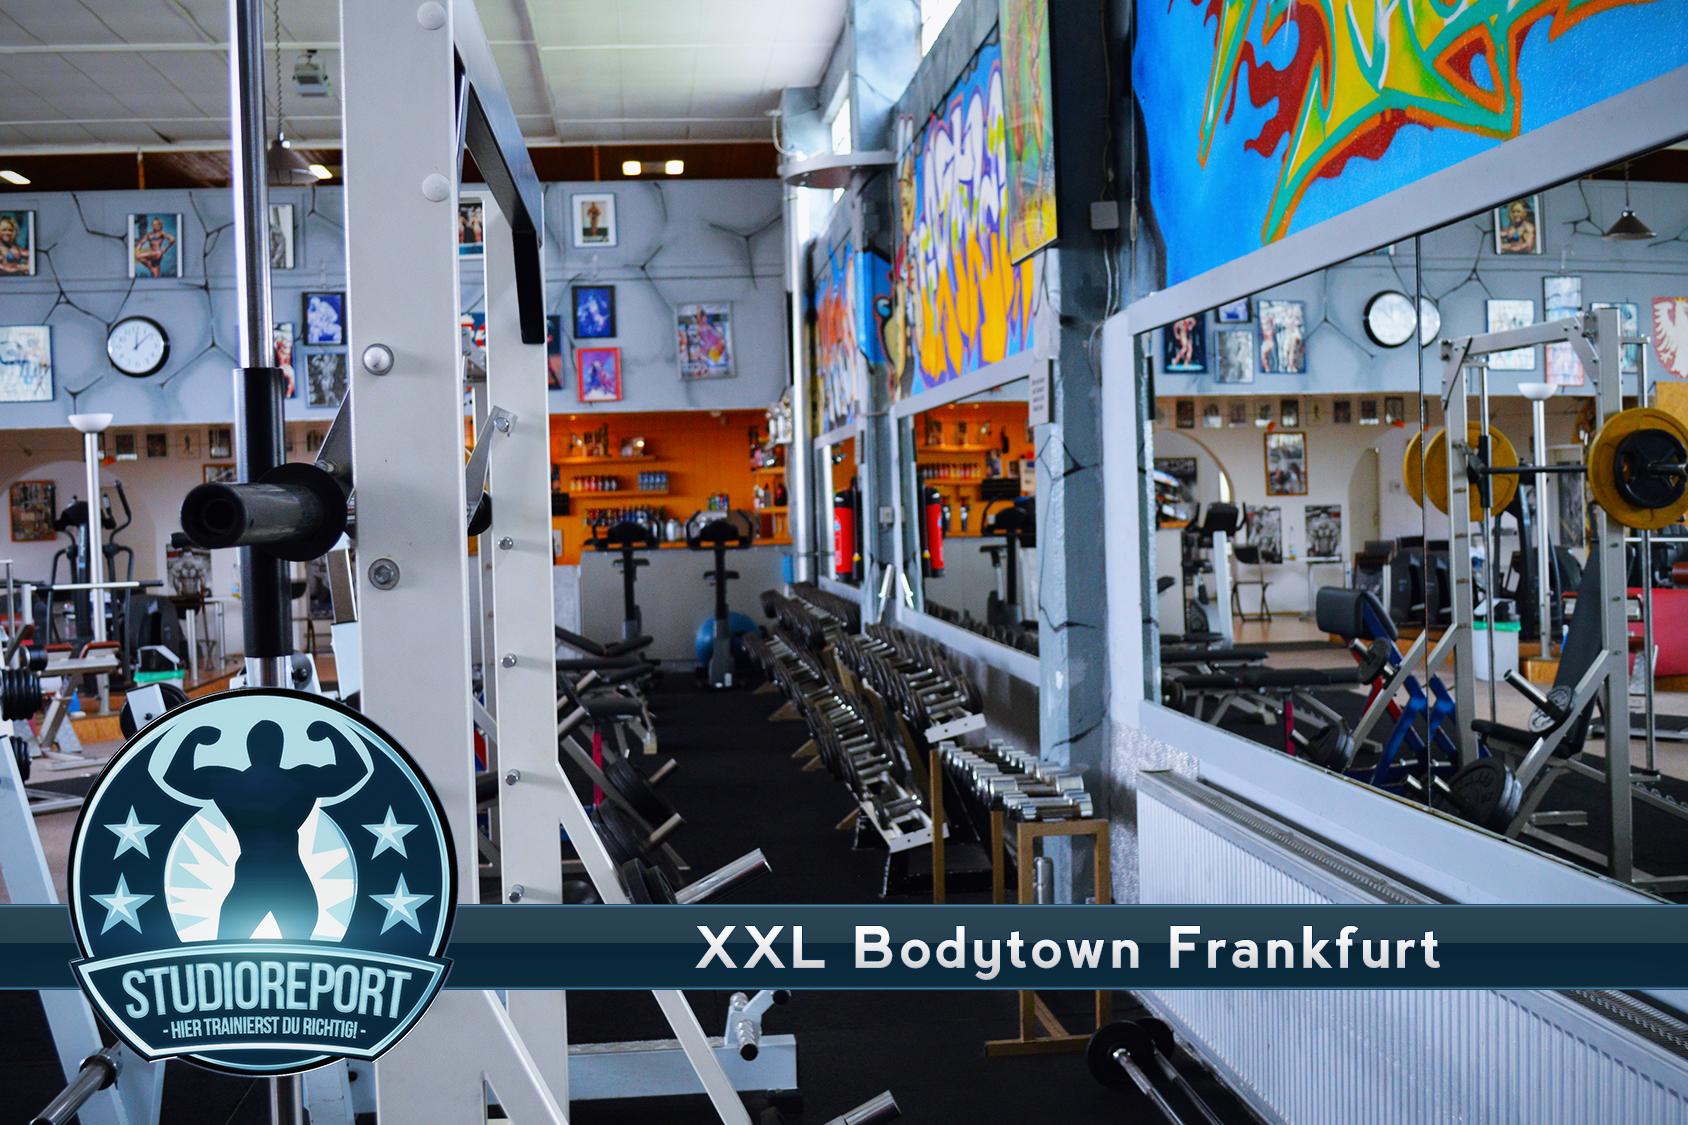 Xxl Möbelhaus Frankfurt : studioreport hier trainierst du richtig xxl bodytown frankfurt fitness magazin ~ Markanthonyermac.com Haus und Dekorationen